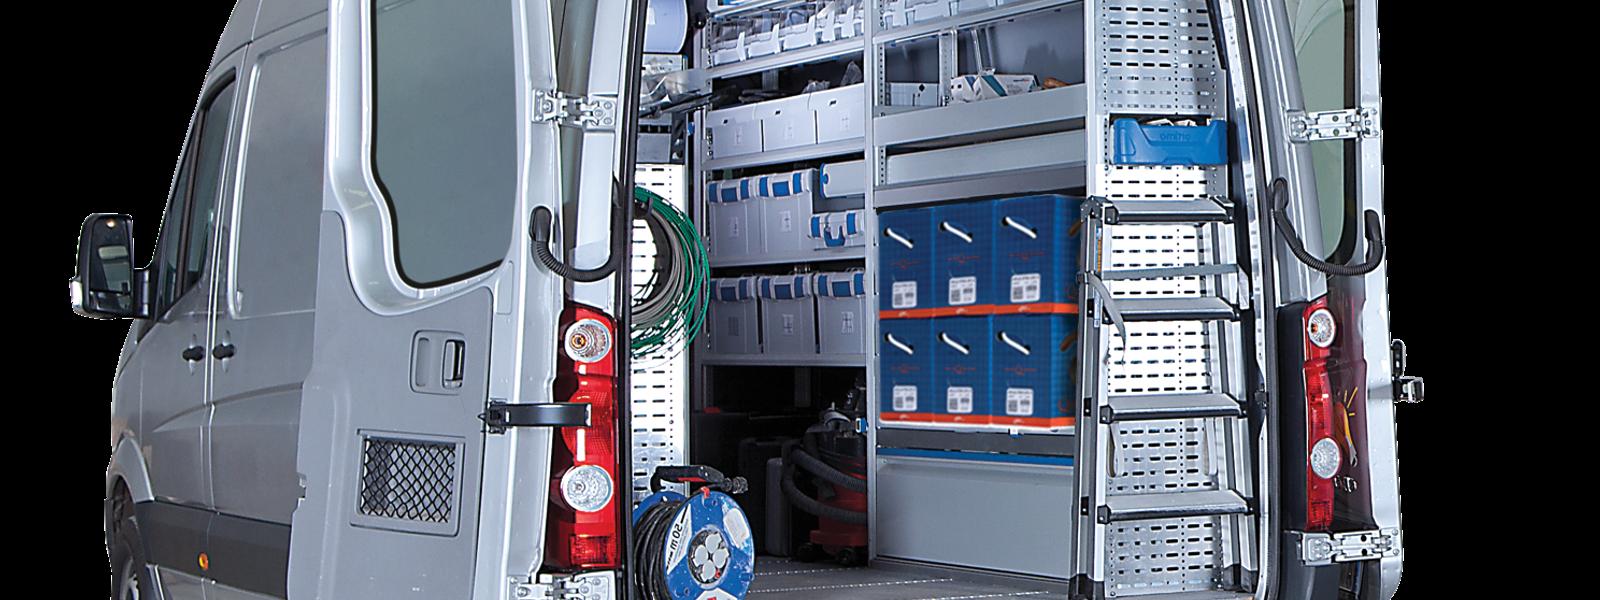 Image of electrician van